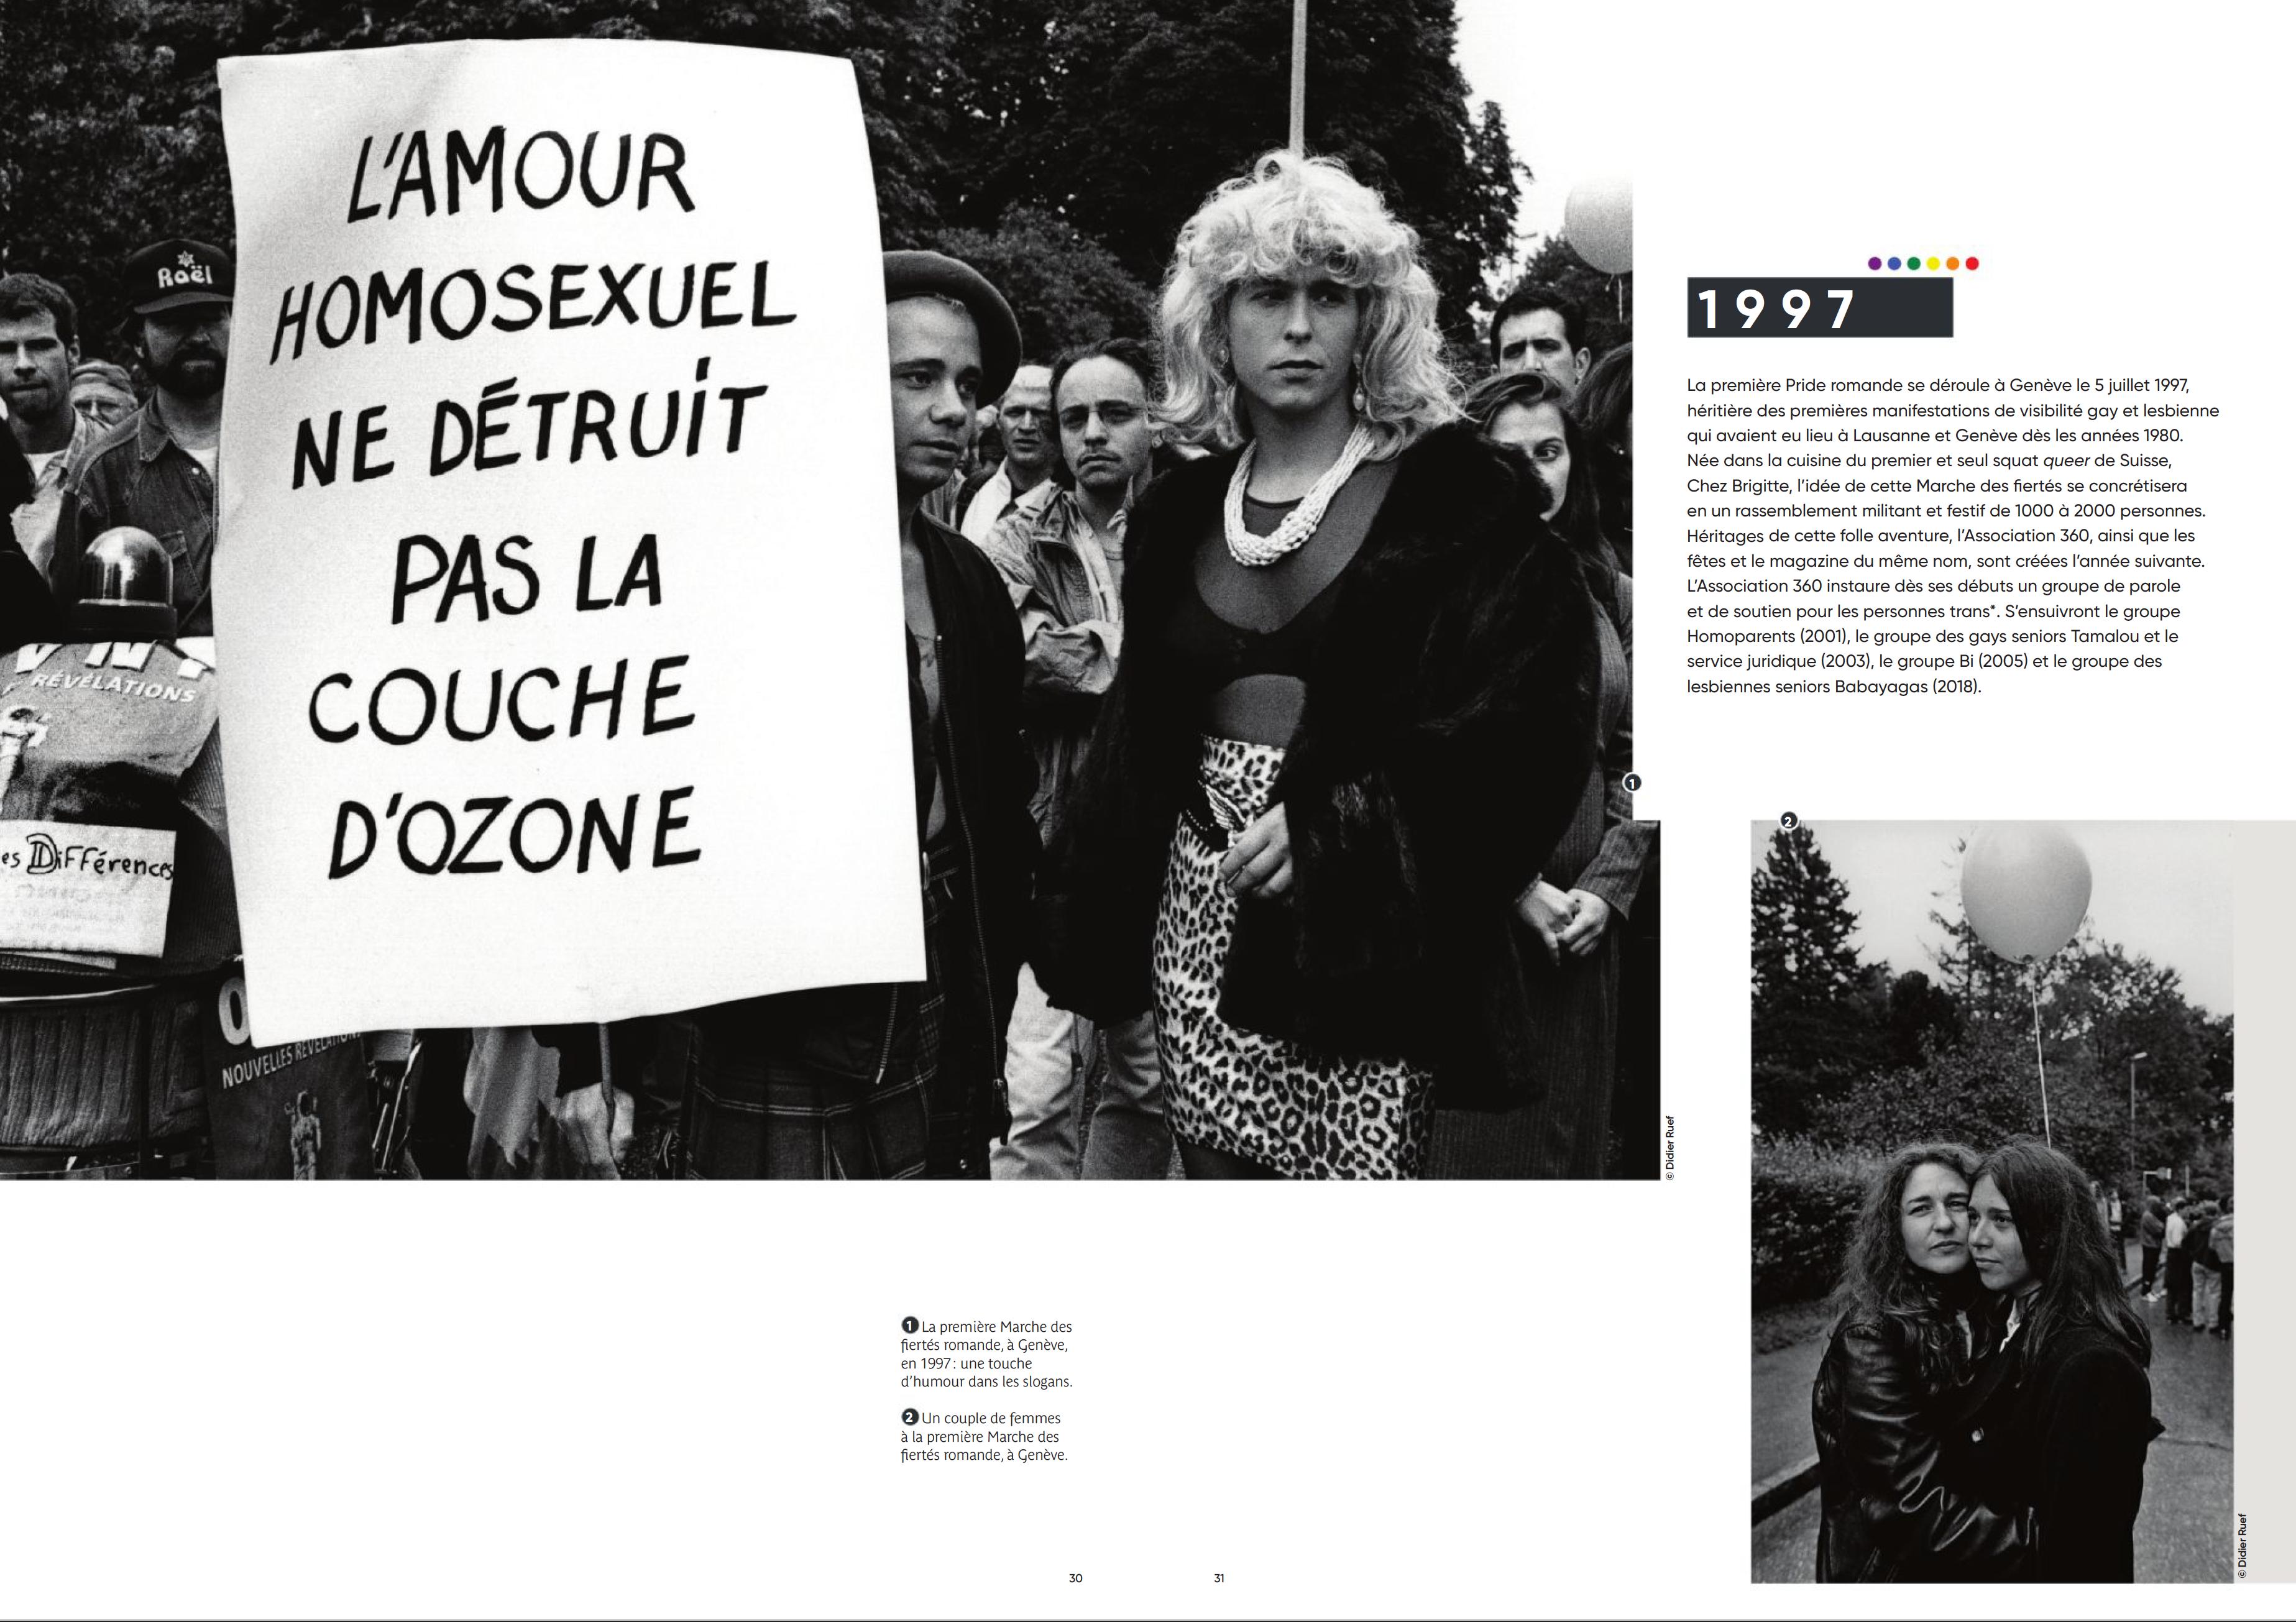 Ville de Genève. LGBTIQ+. Pages 30-31 .(click image to enlarge)